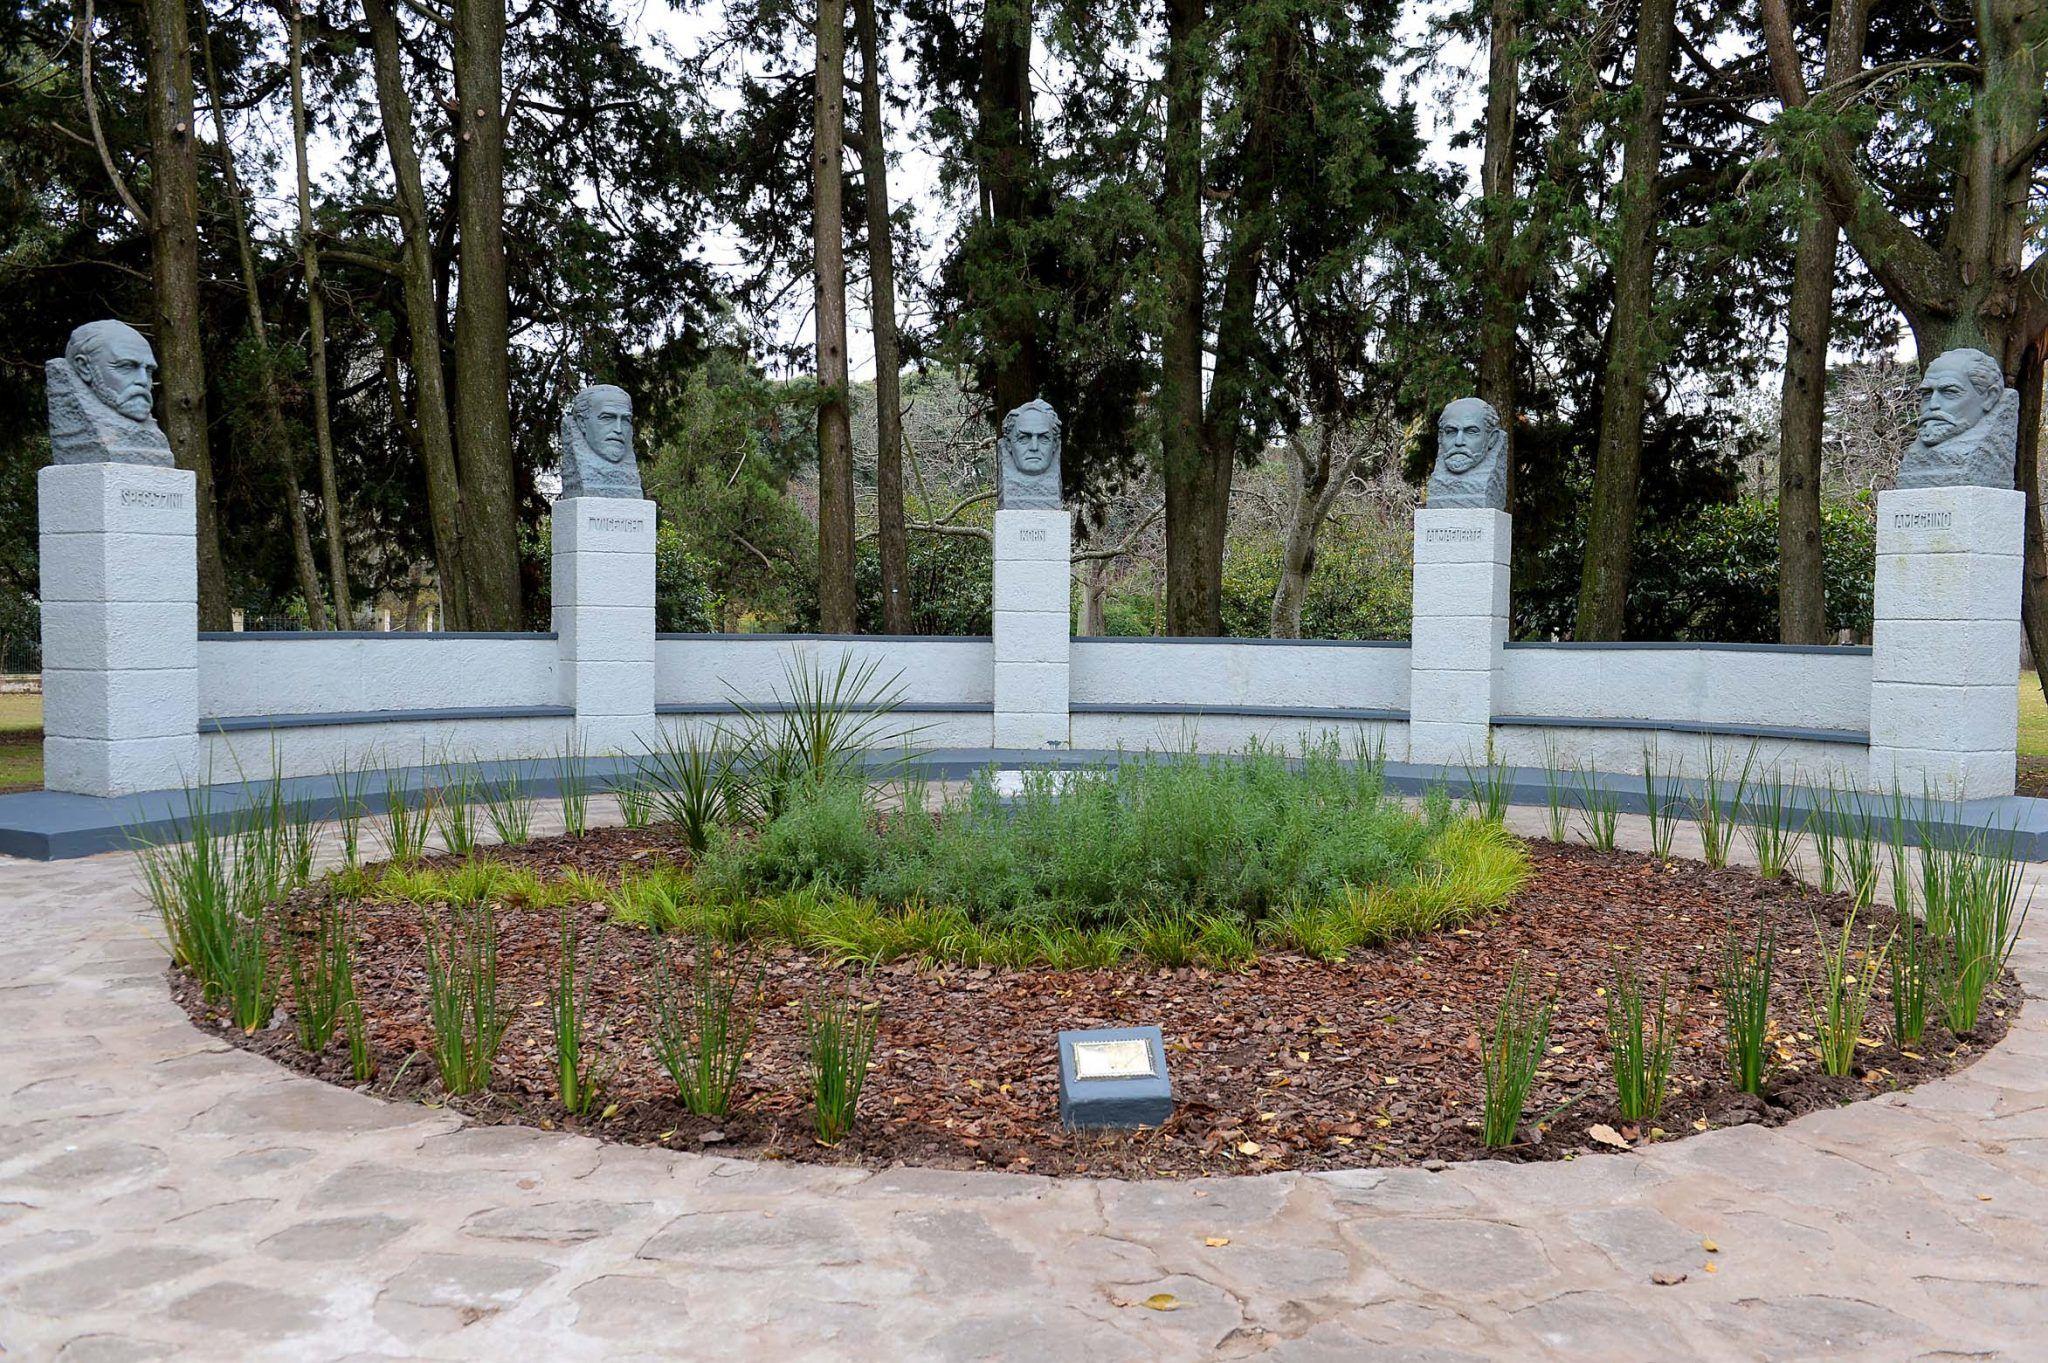 Monumento a los cinco sabios de la ciudad de La Plata